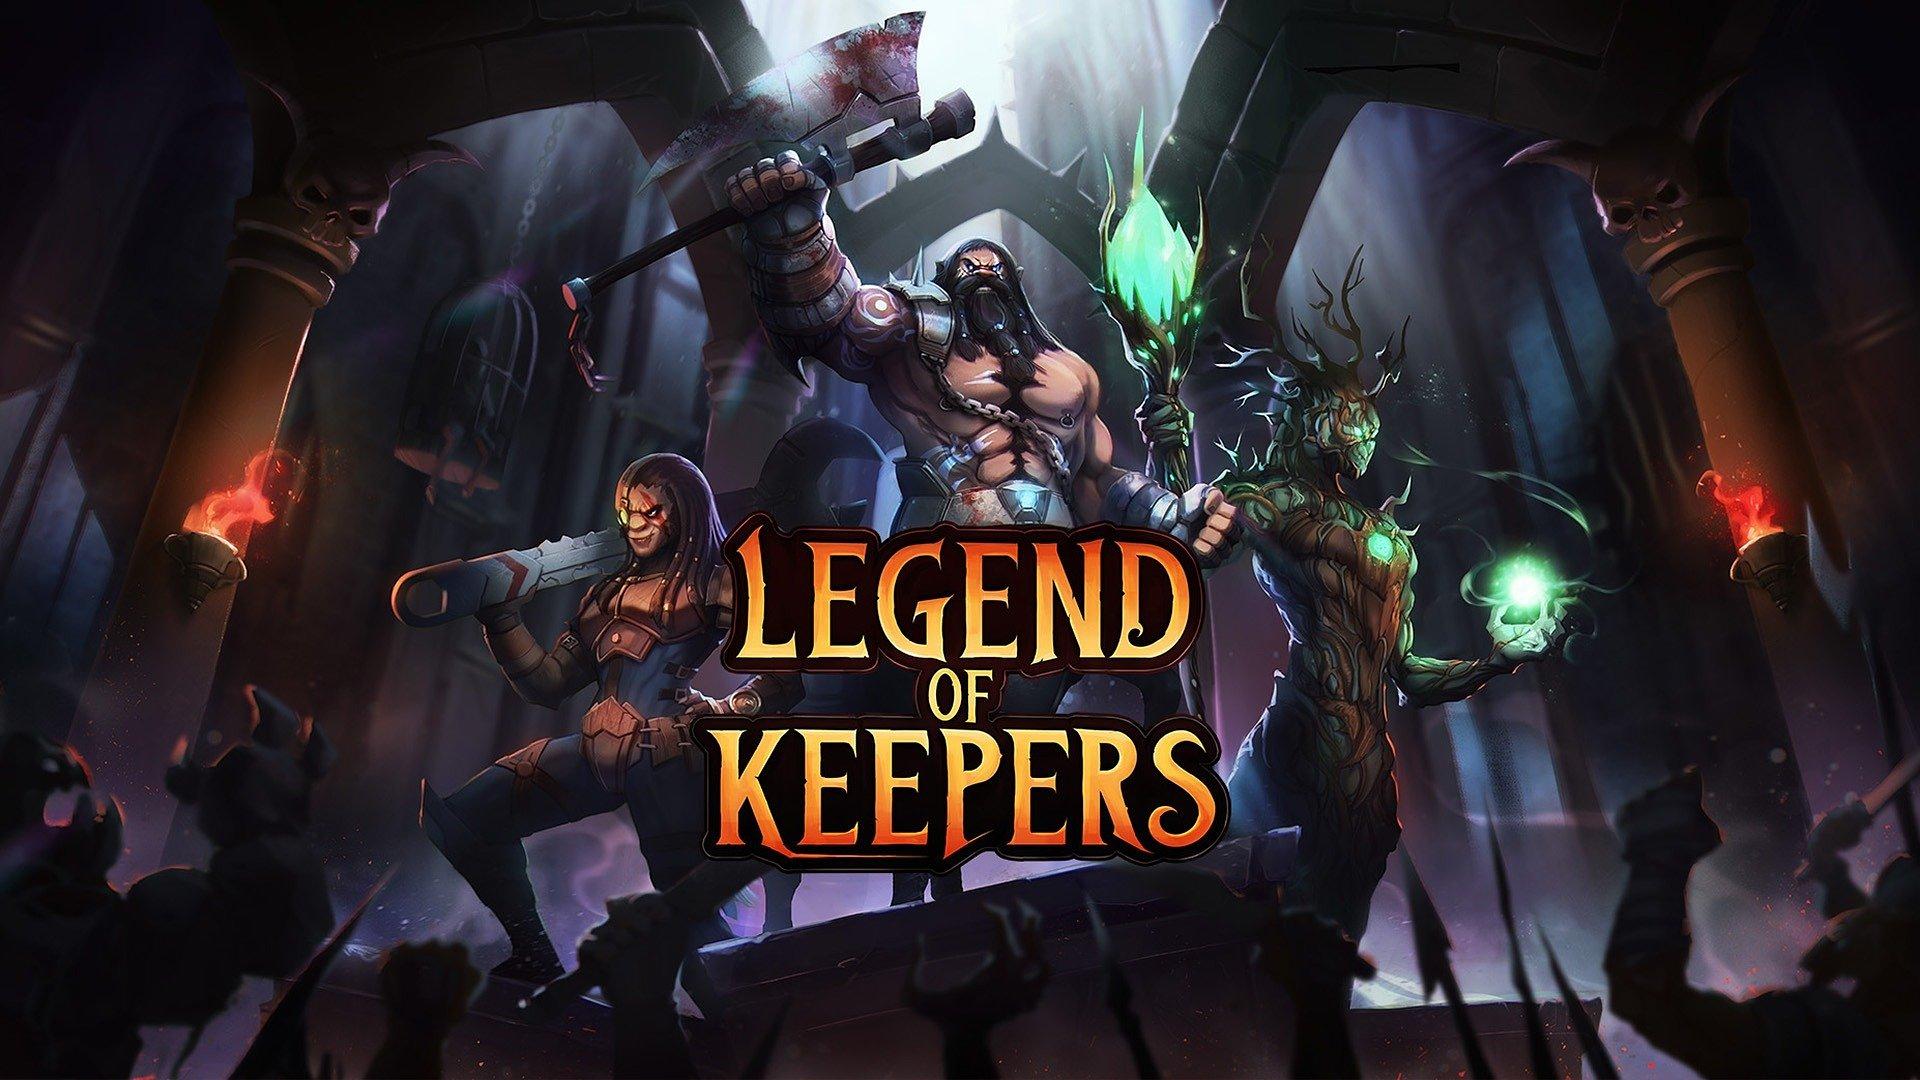 Czas bohaterów. Poprawka - czas miażdżenia bohaterów. Legend of Keepers już dostępne na PC, Stadia i Nintendo Switch